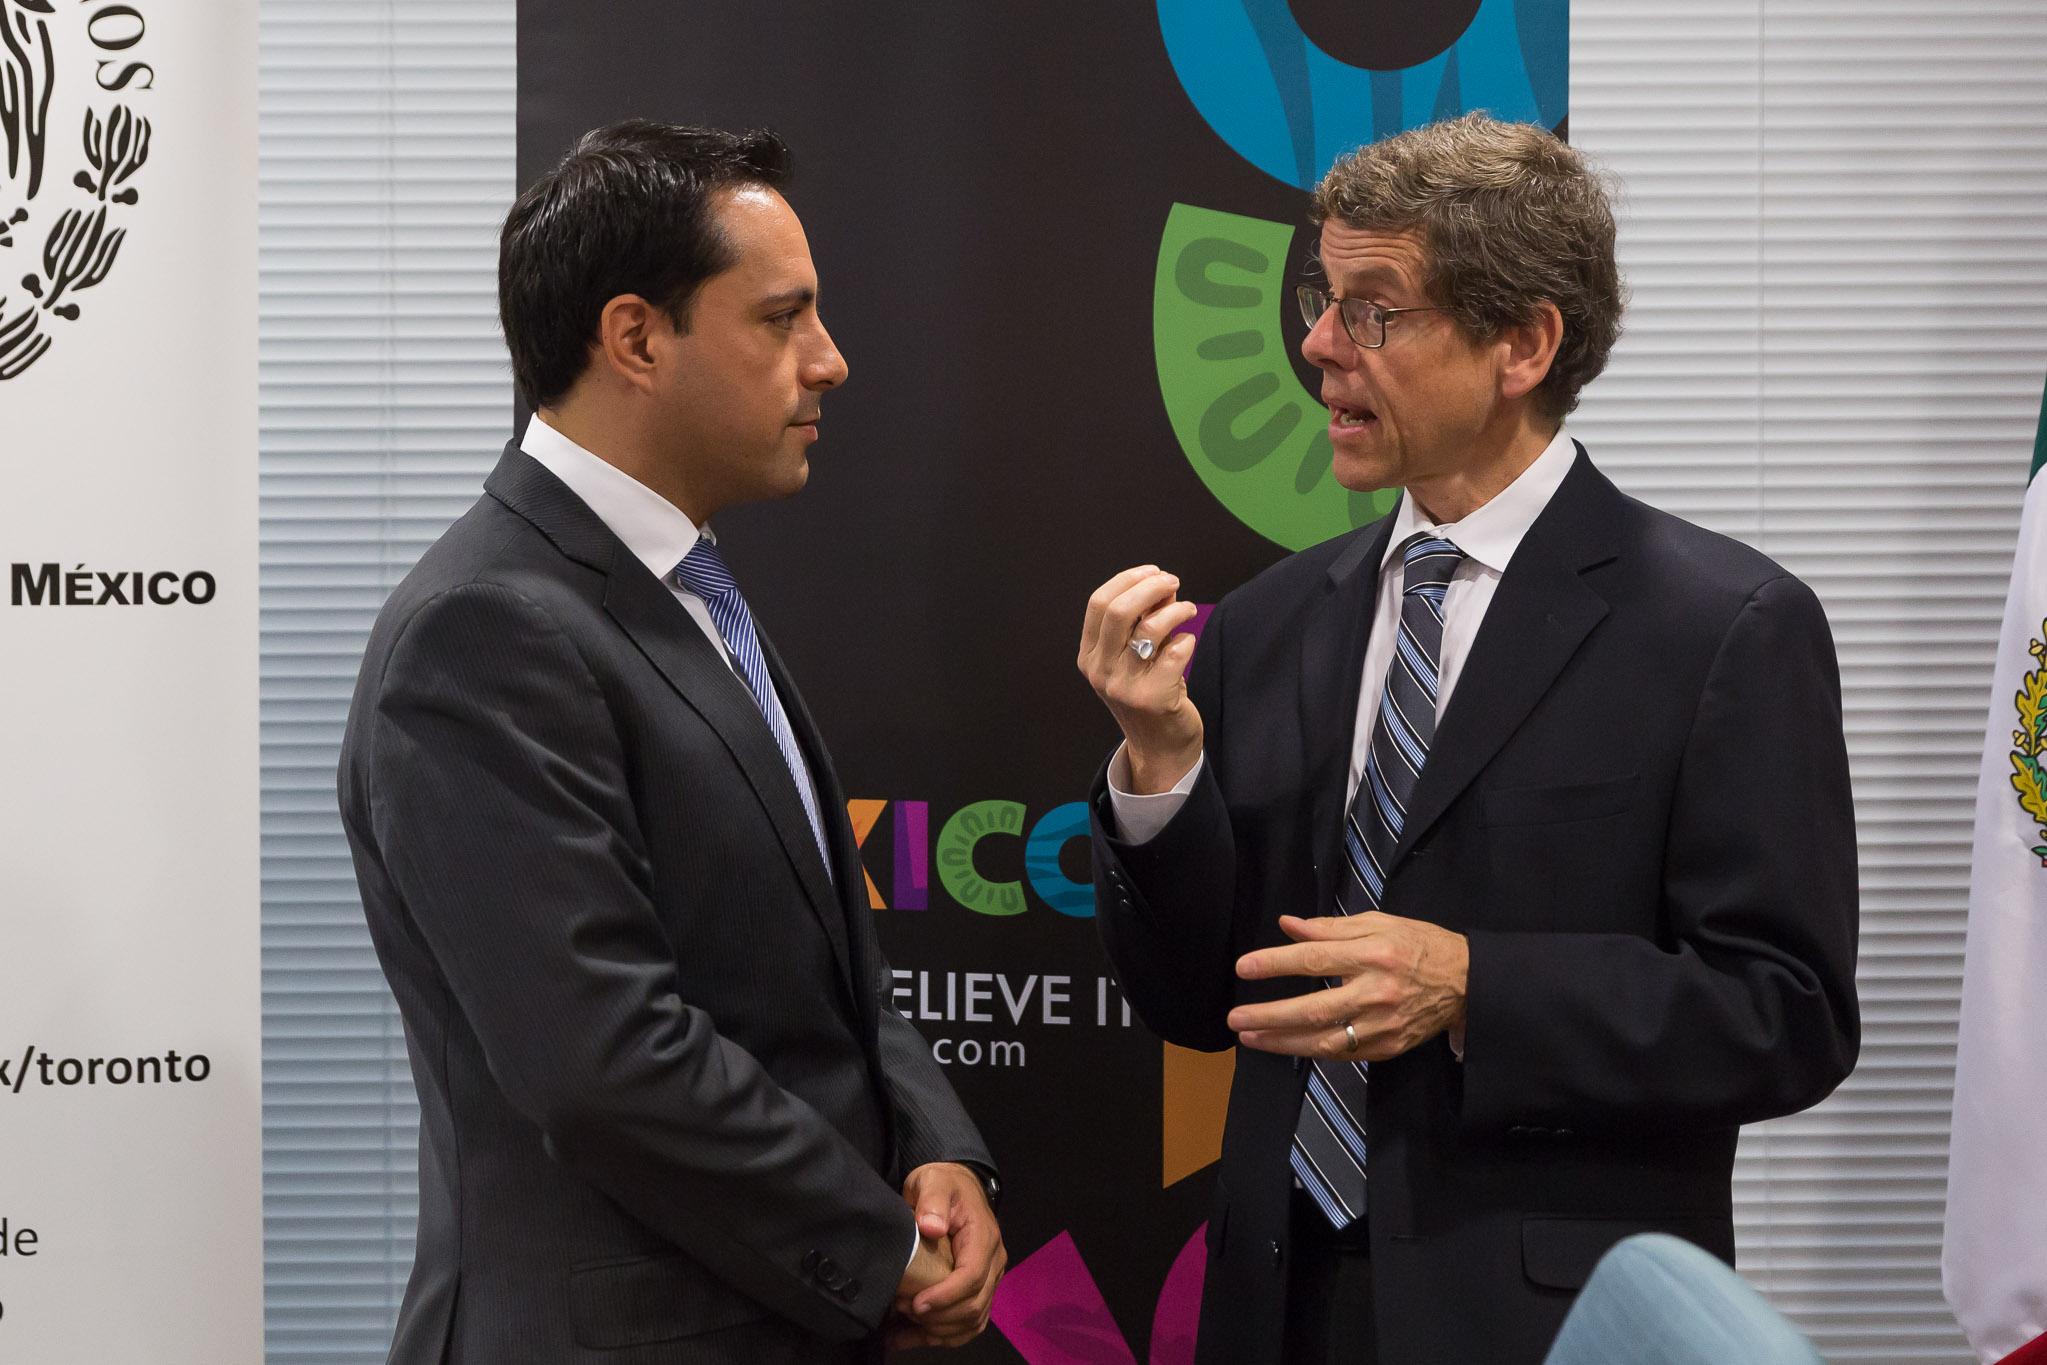 Destacan ventajas competitivas de Mérida en Canadá